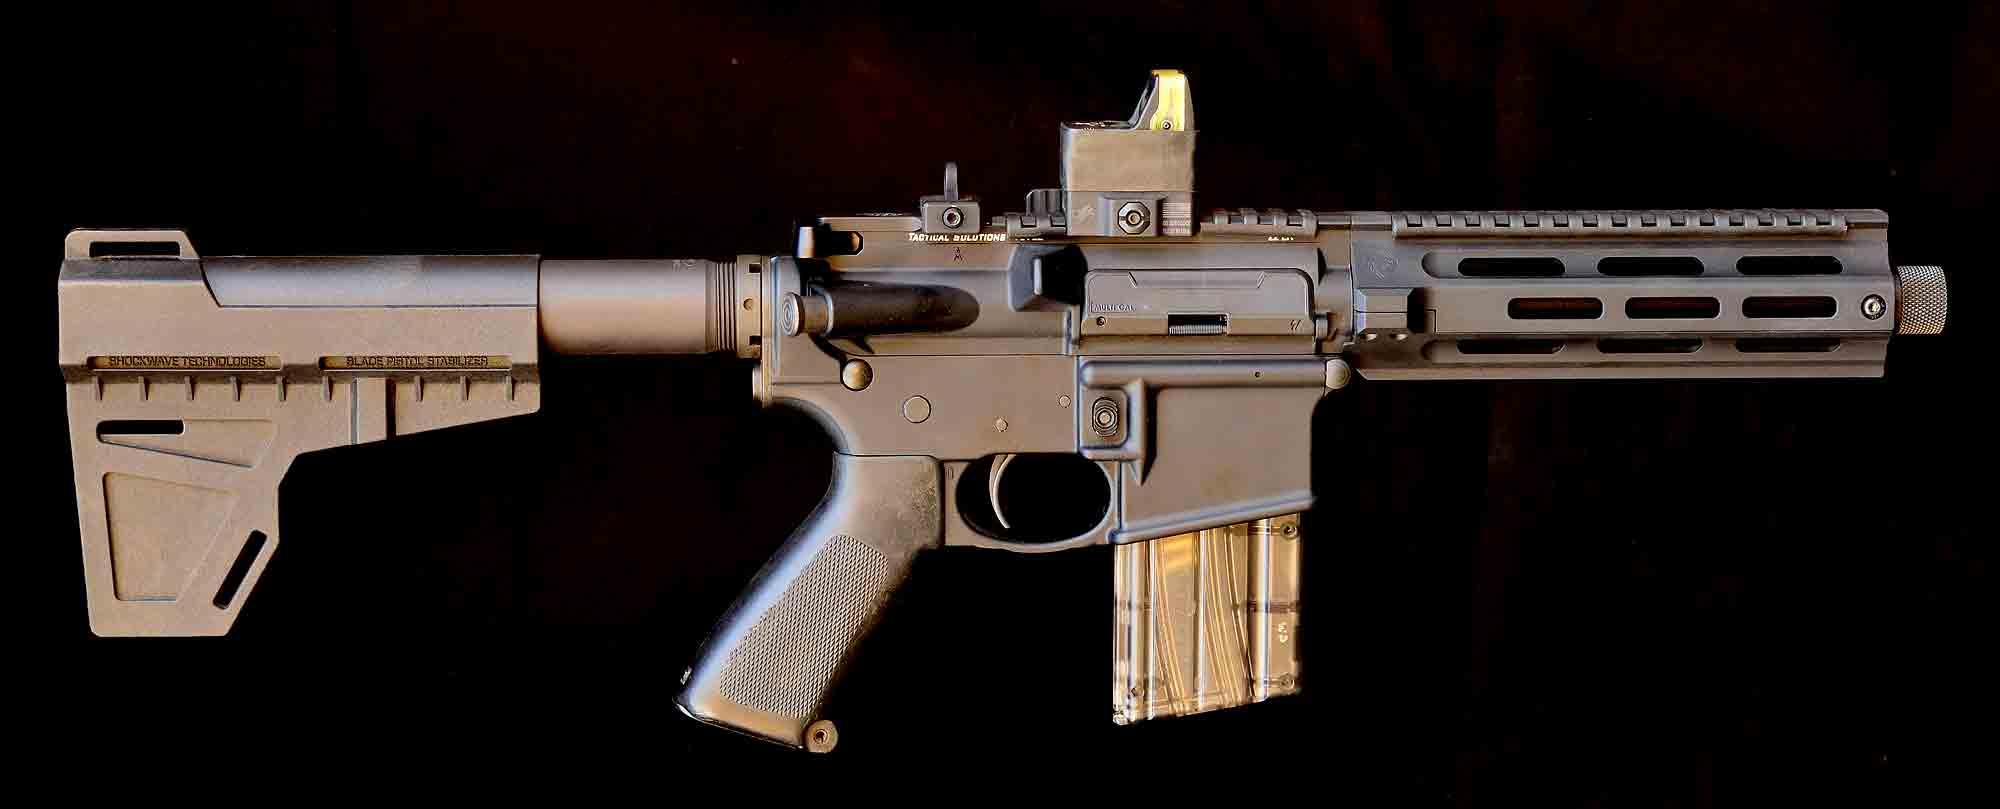 Tac-Sol-AR22-Pistol.jpg